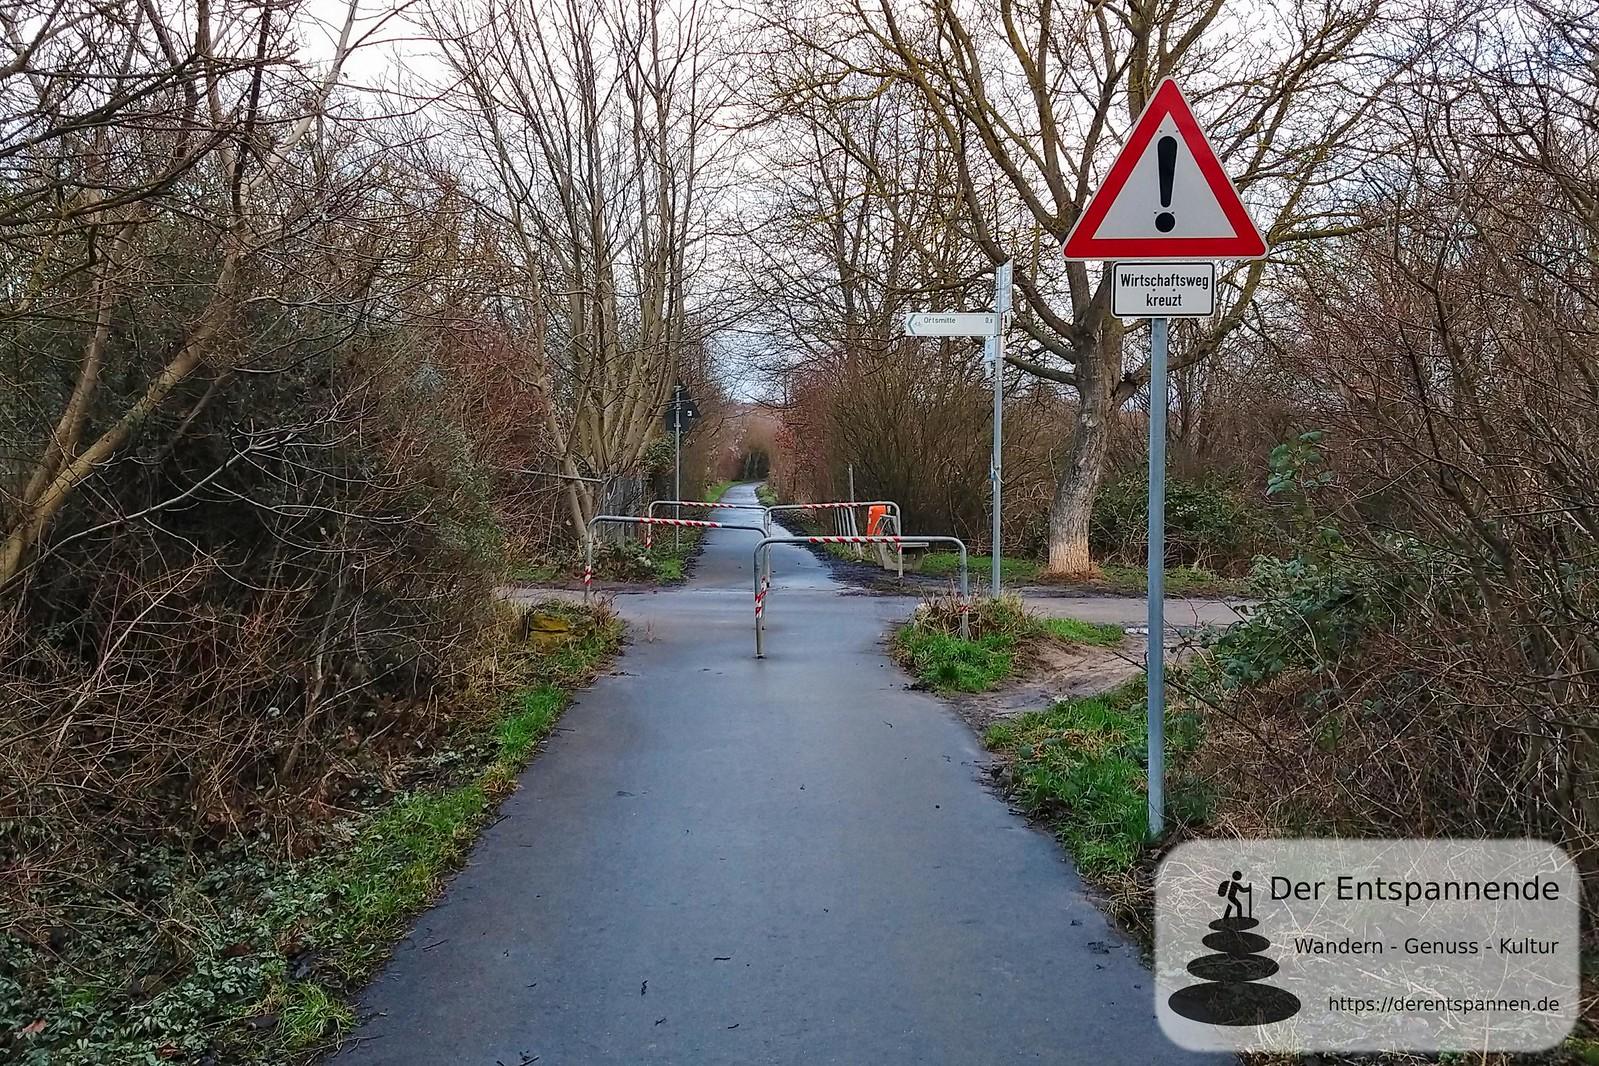 Bei Mommenheim auf dem Radweg von Selzen nach Mommenheim, ehemalige Bahnstrecke Alzey-Bodenheim (Amiche)